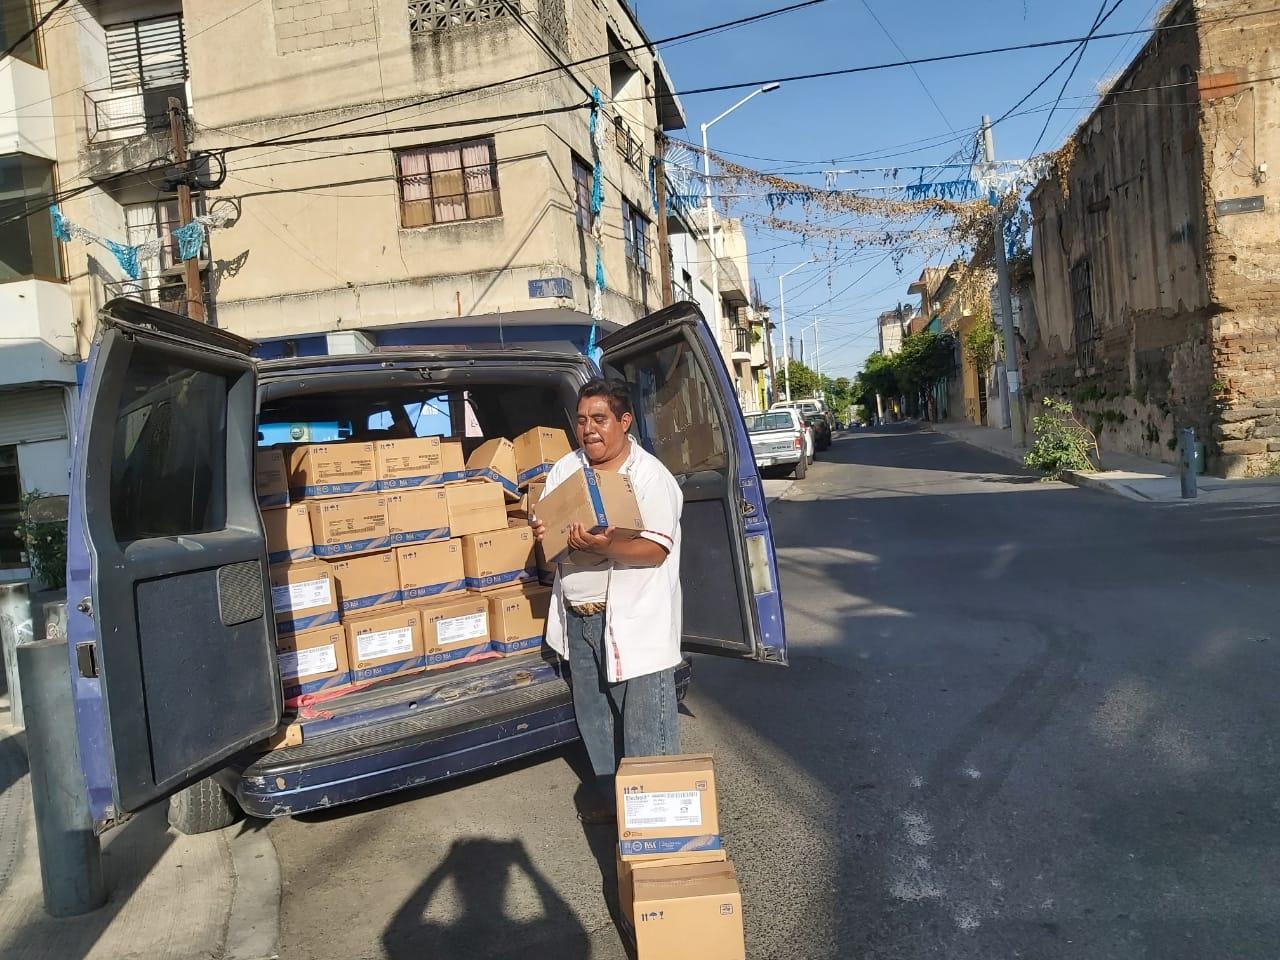 El apoyo de algunos ayuntamientos, realizan la entrega de despensa